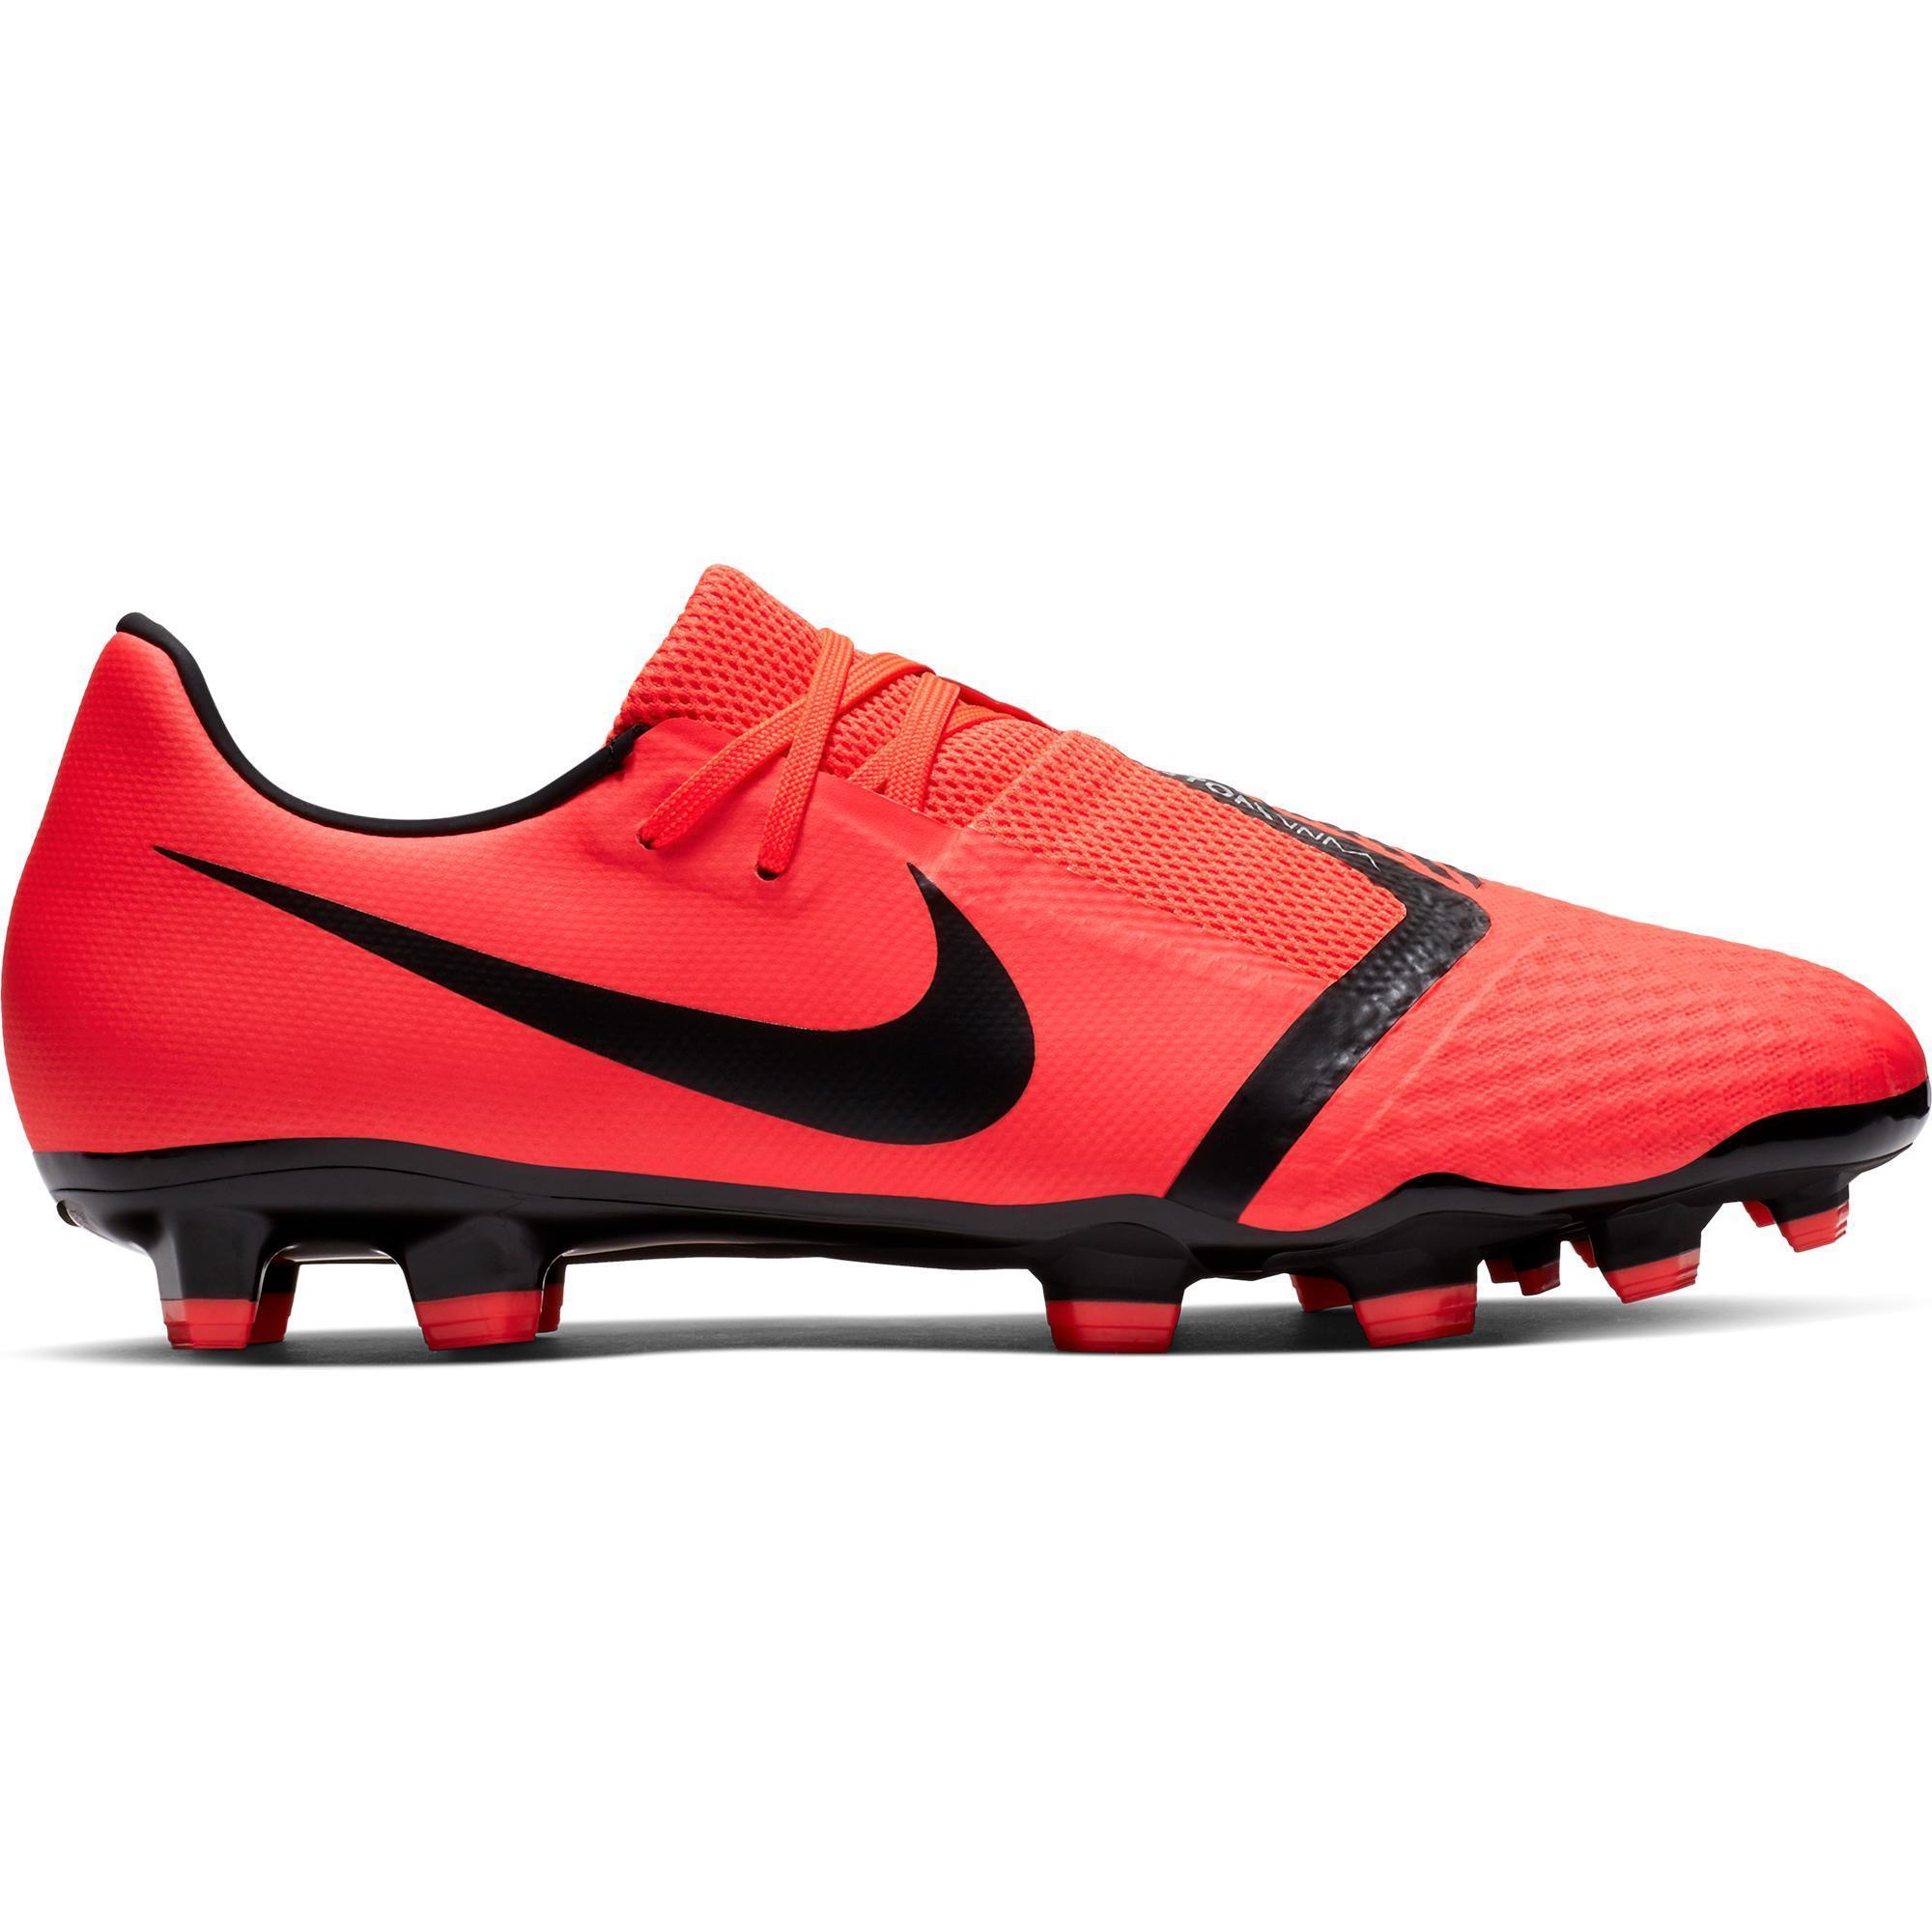 8461e1d10ce Comprar Botas de Fútbol Adultos online